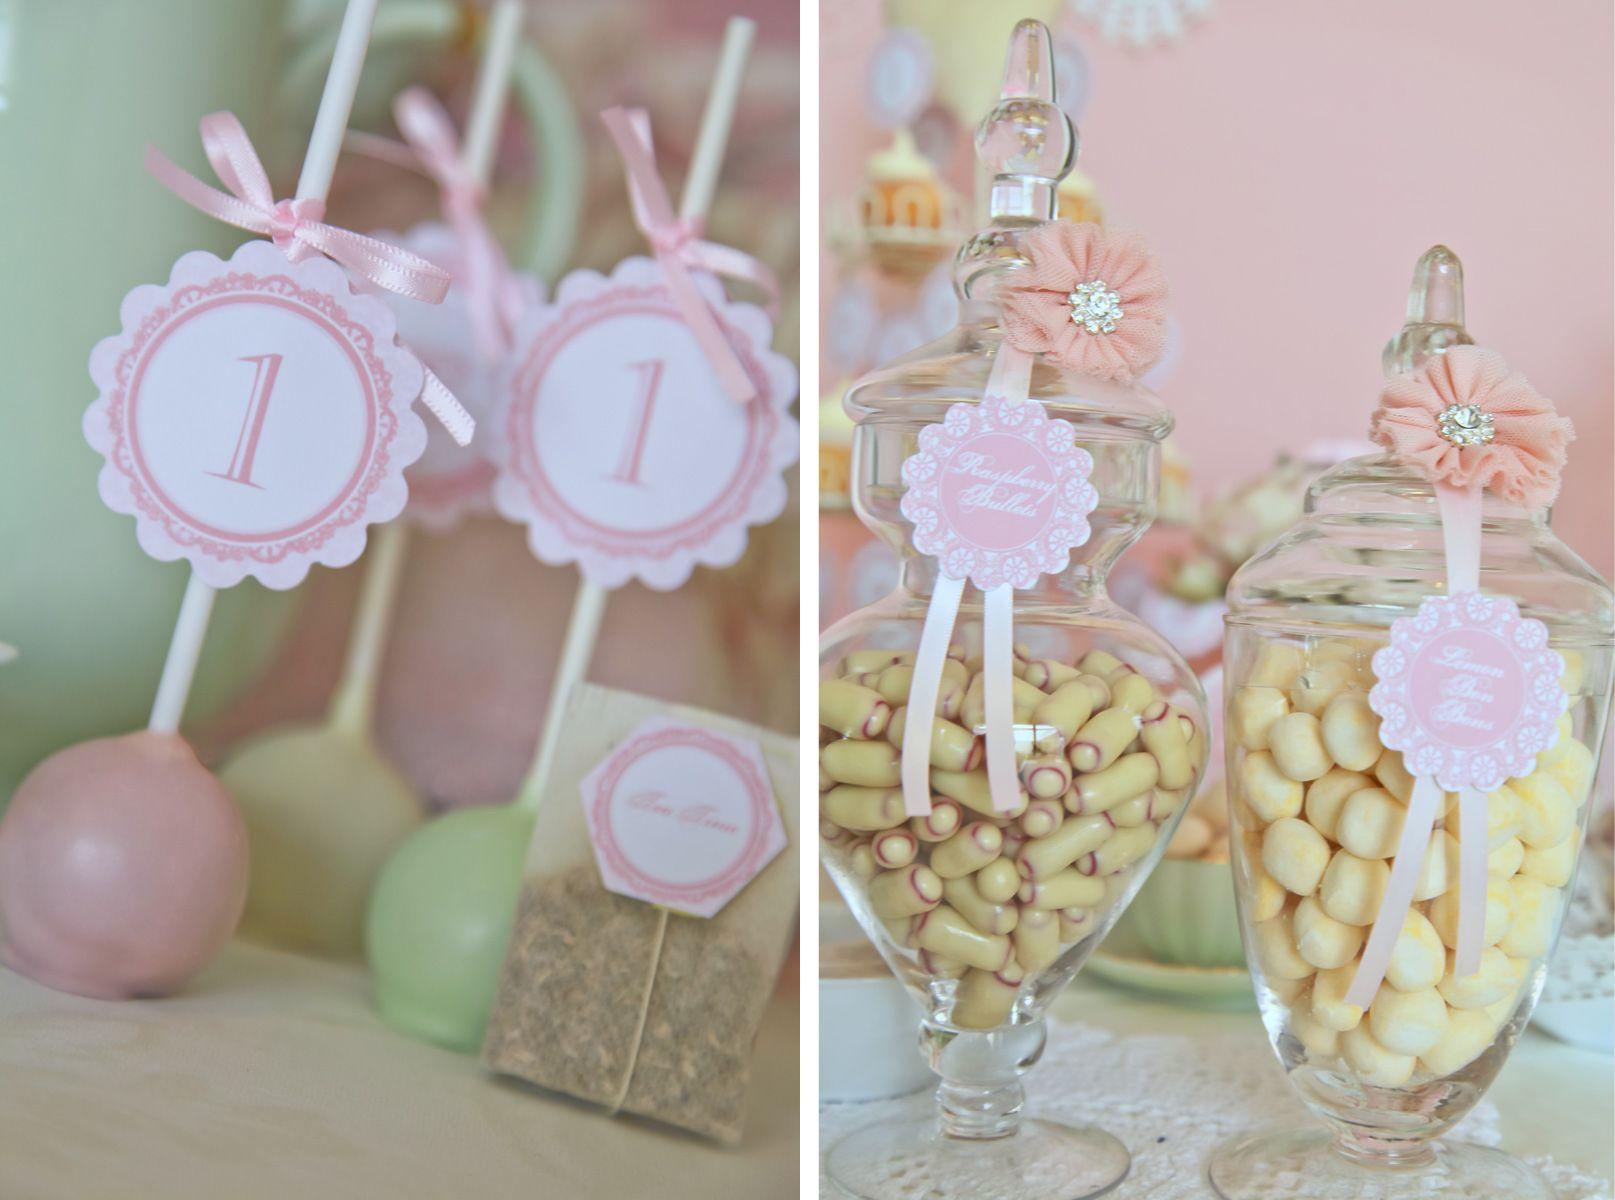 Vintage doily tea party details